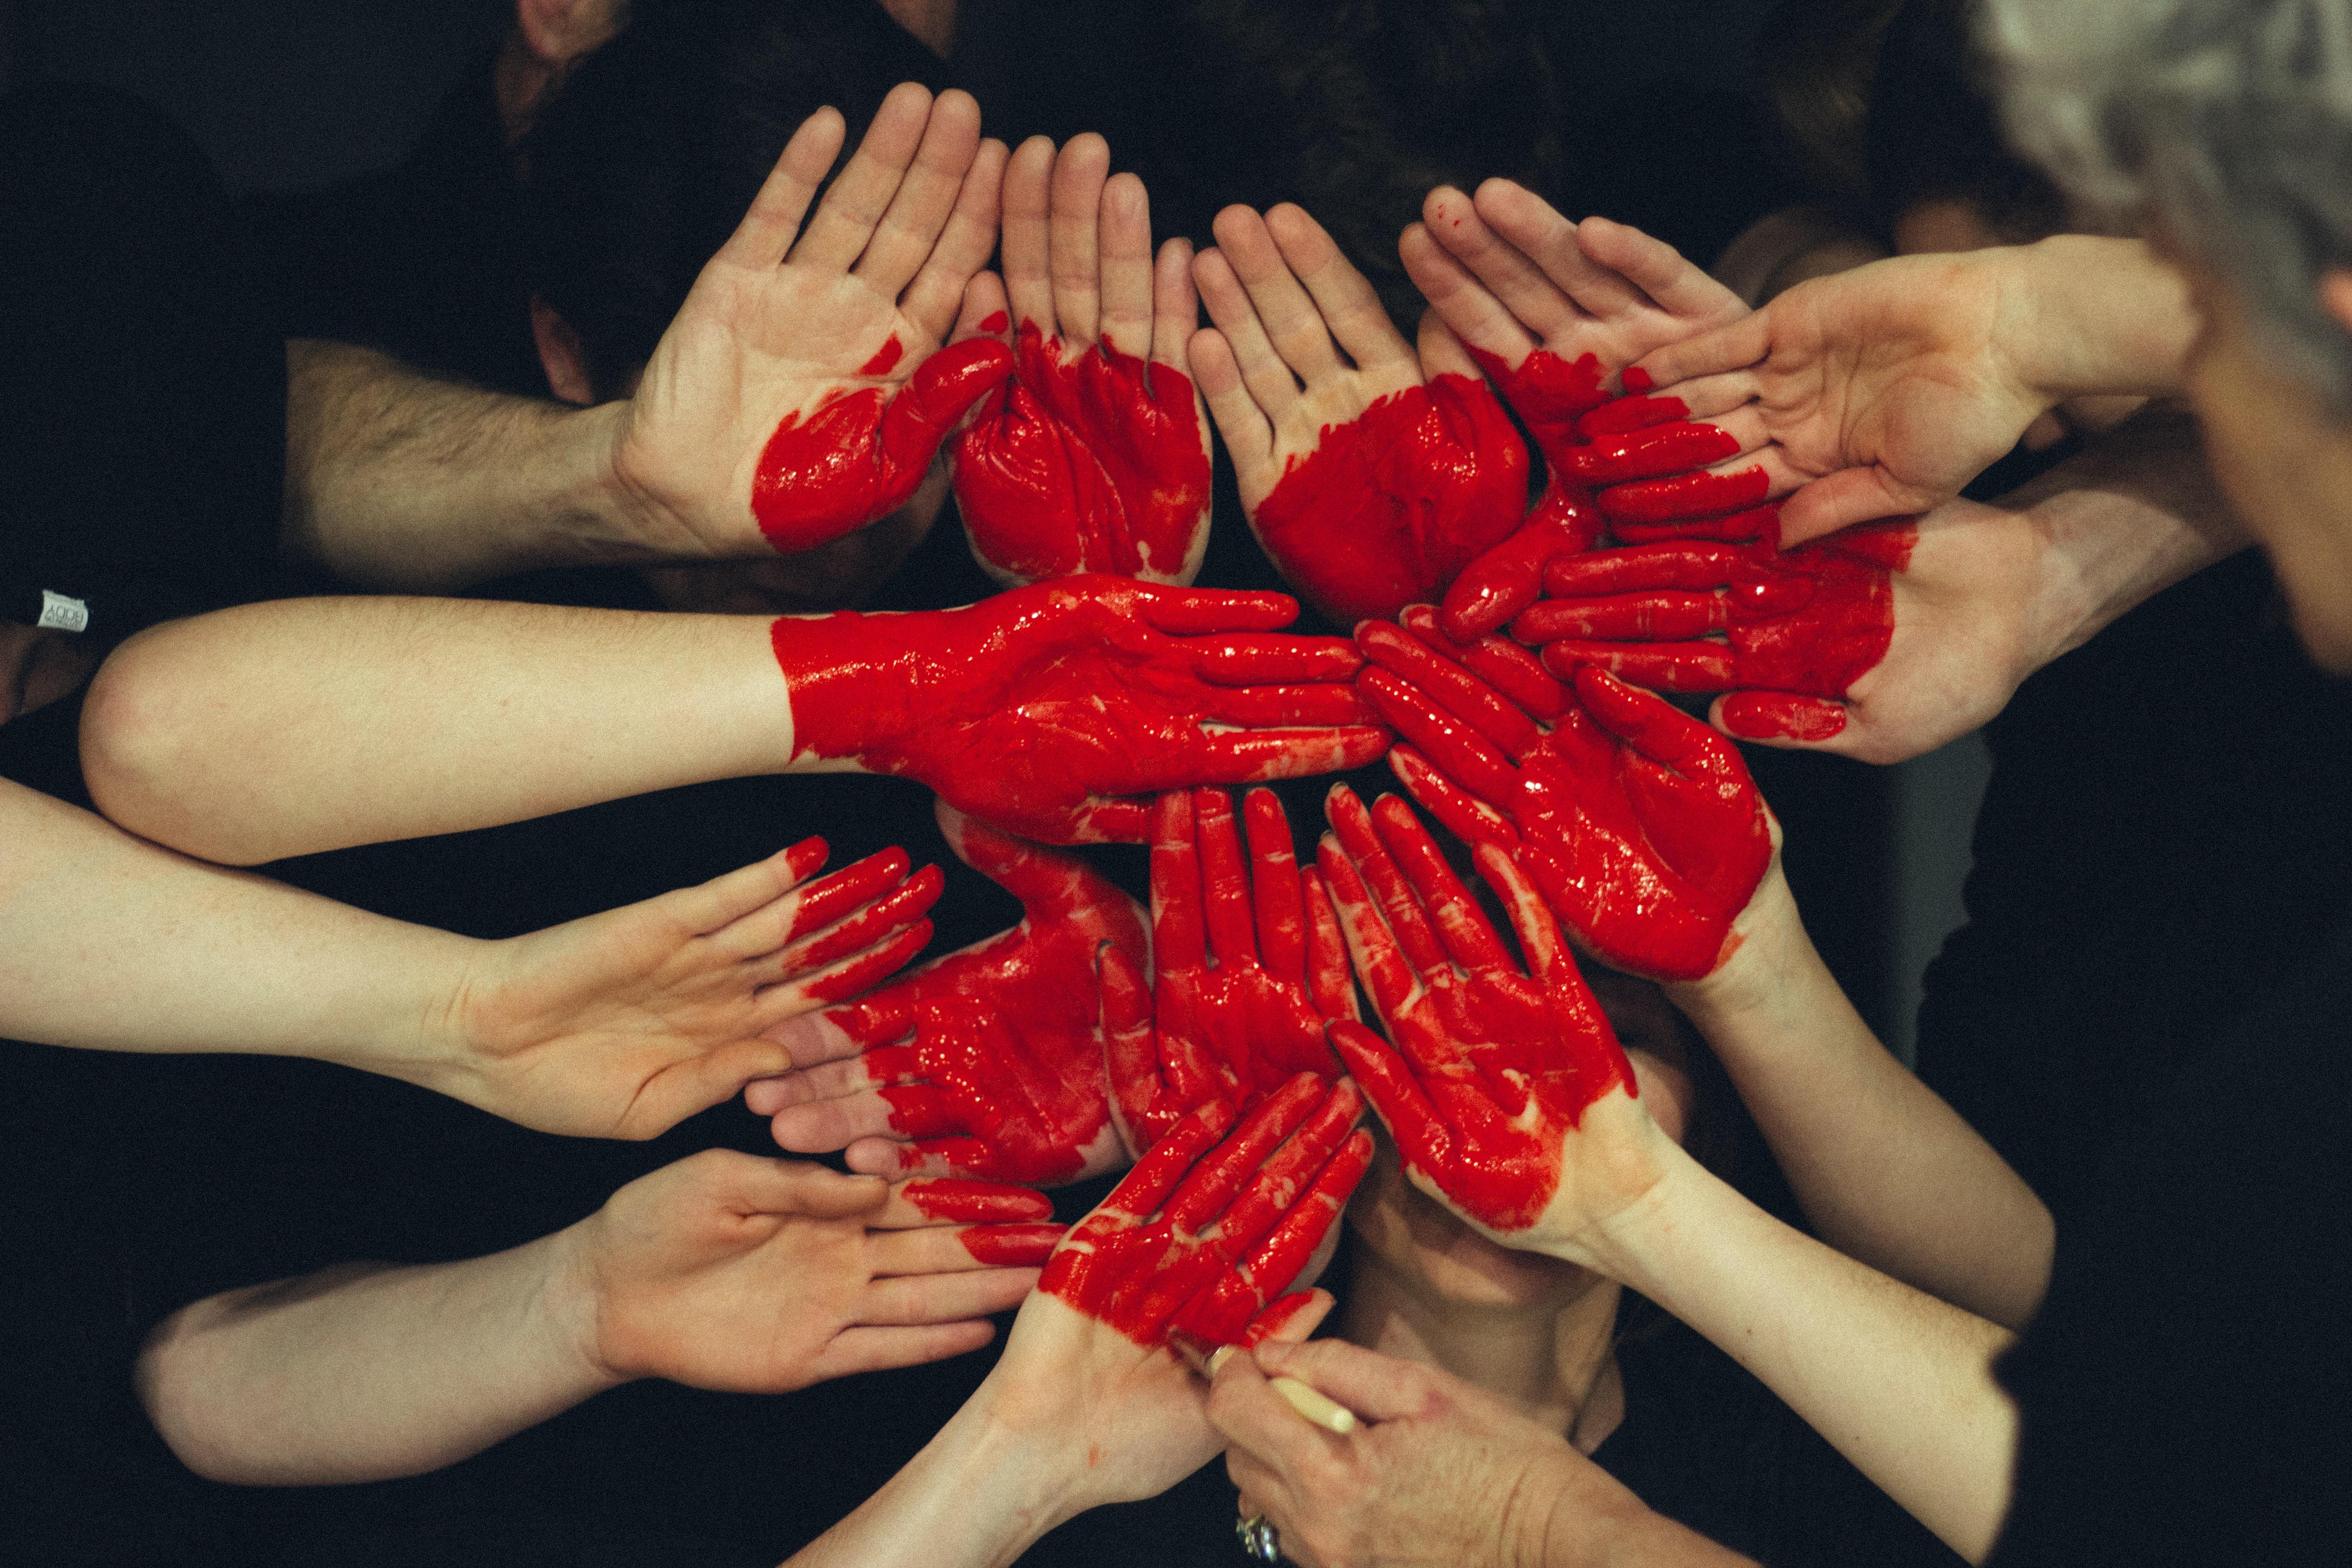 Foto: Svartkledde mennesker med rødmalte hender samler hendene med håndflatene mot kamera. Hendene er malt ulikt i rødt og utgjør et hjerte når hendene samles.